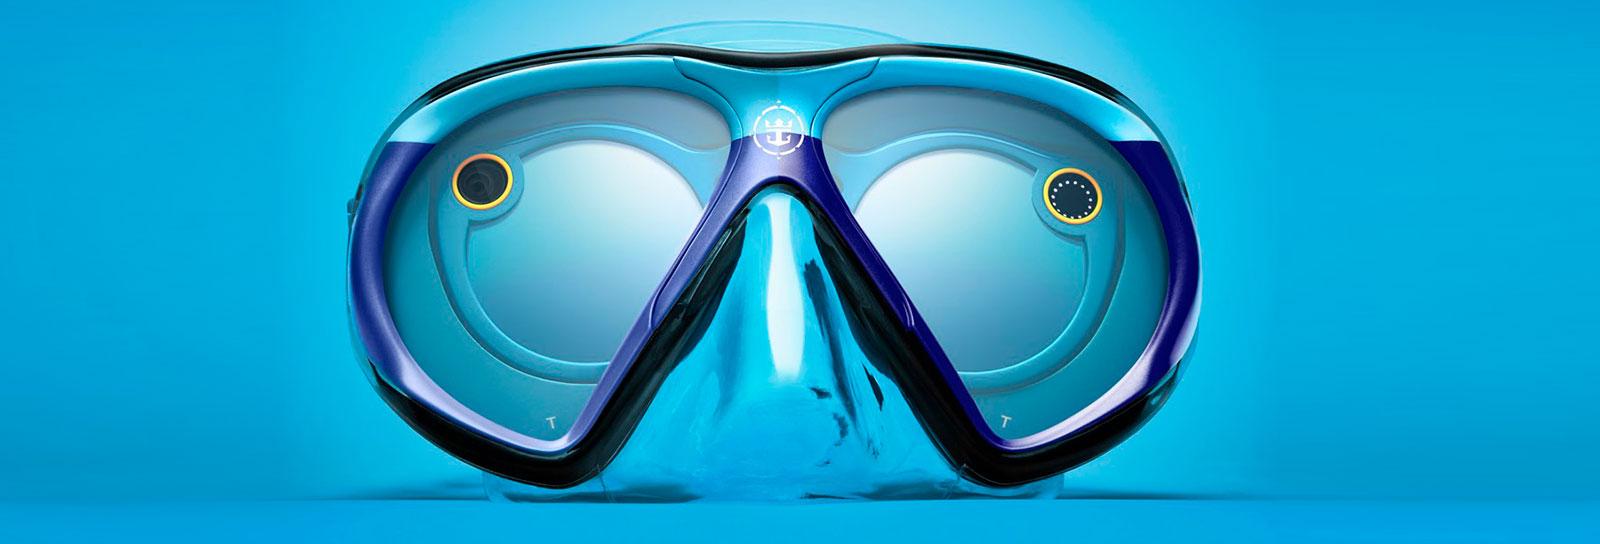 Esta máscara de mergulho manda imagens direto para as redes sociais